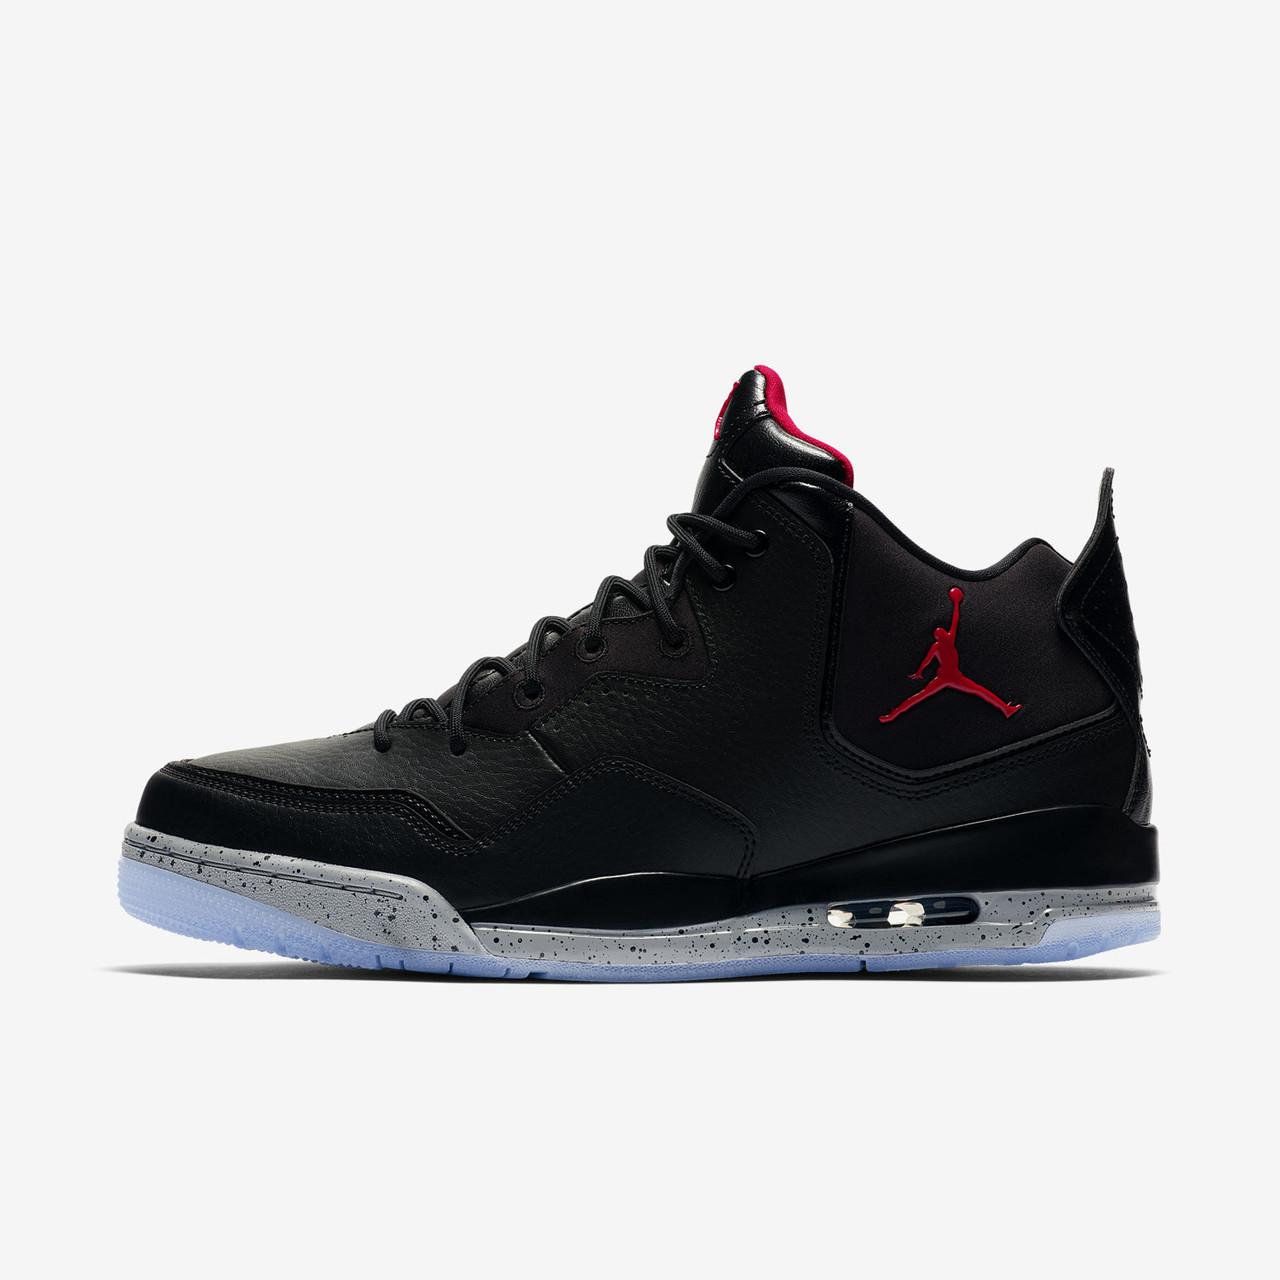 b128f9b8 Оригинальные Кроссовки Jordan Courtside 23 — в Категории